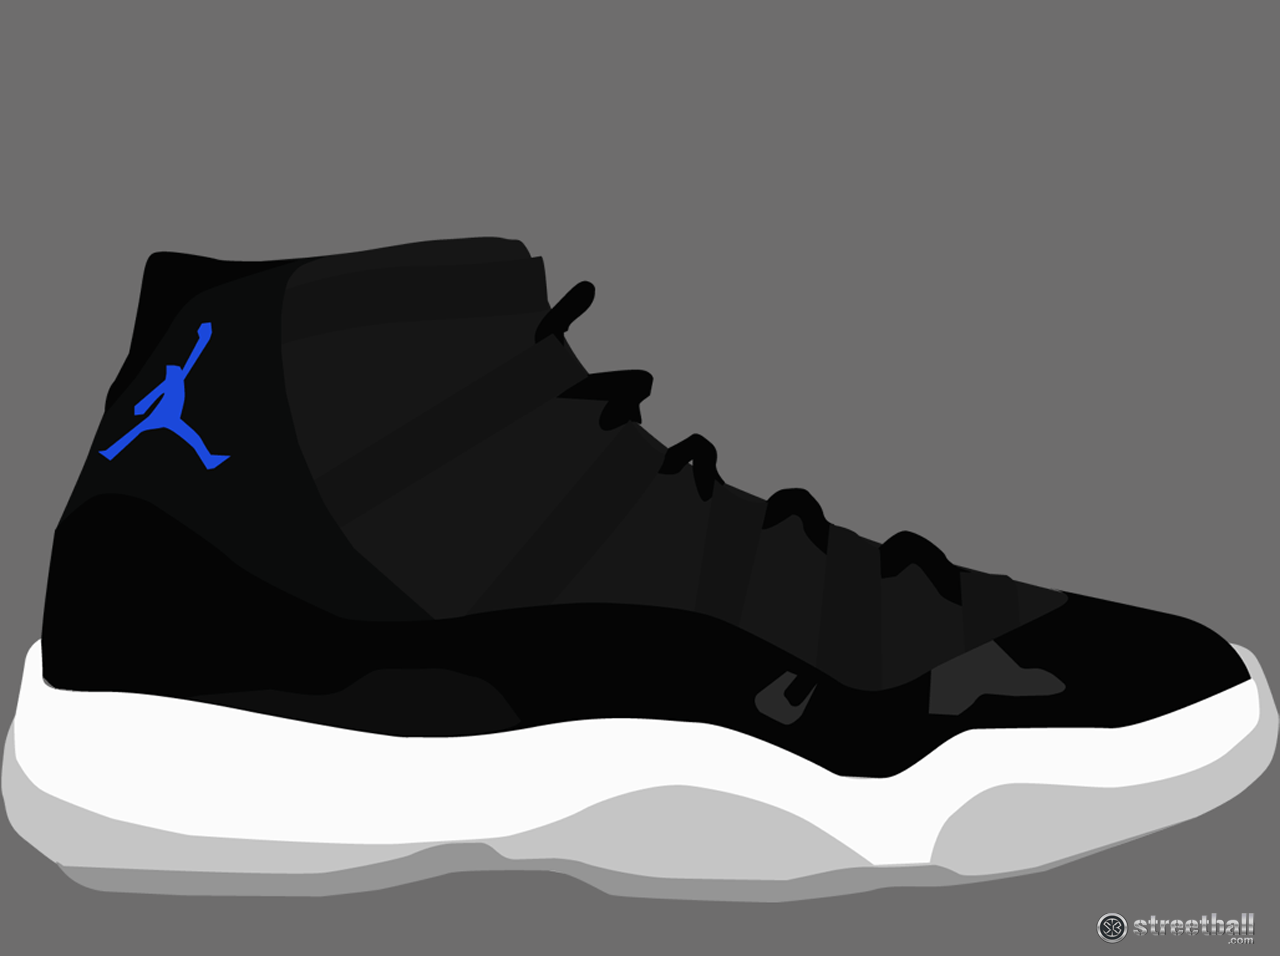 Blue Jordan 12 Wallpapers Wallpaper Cave